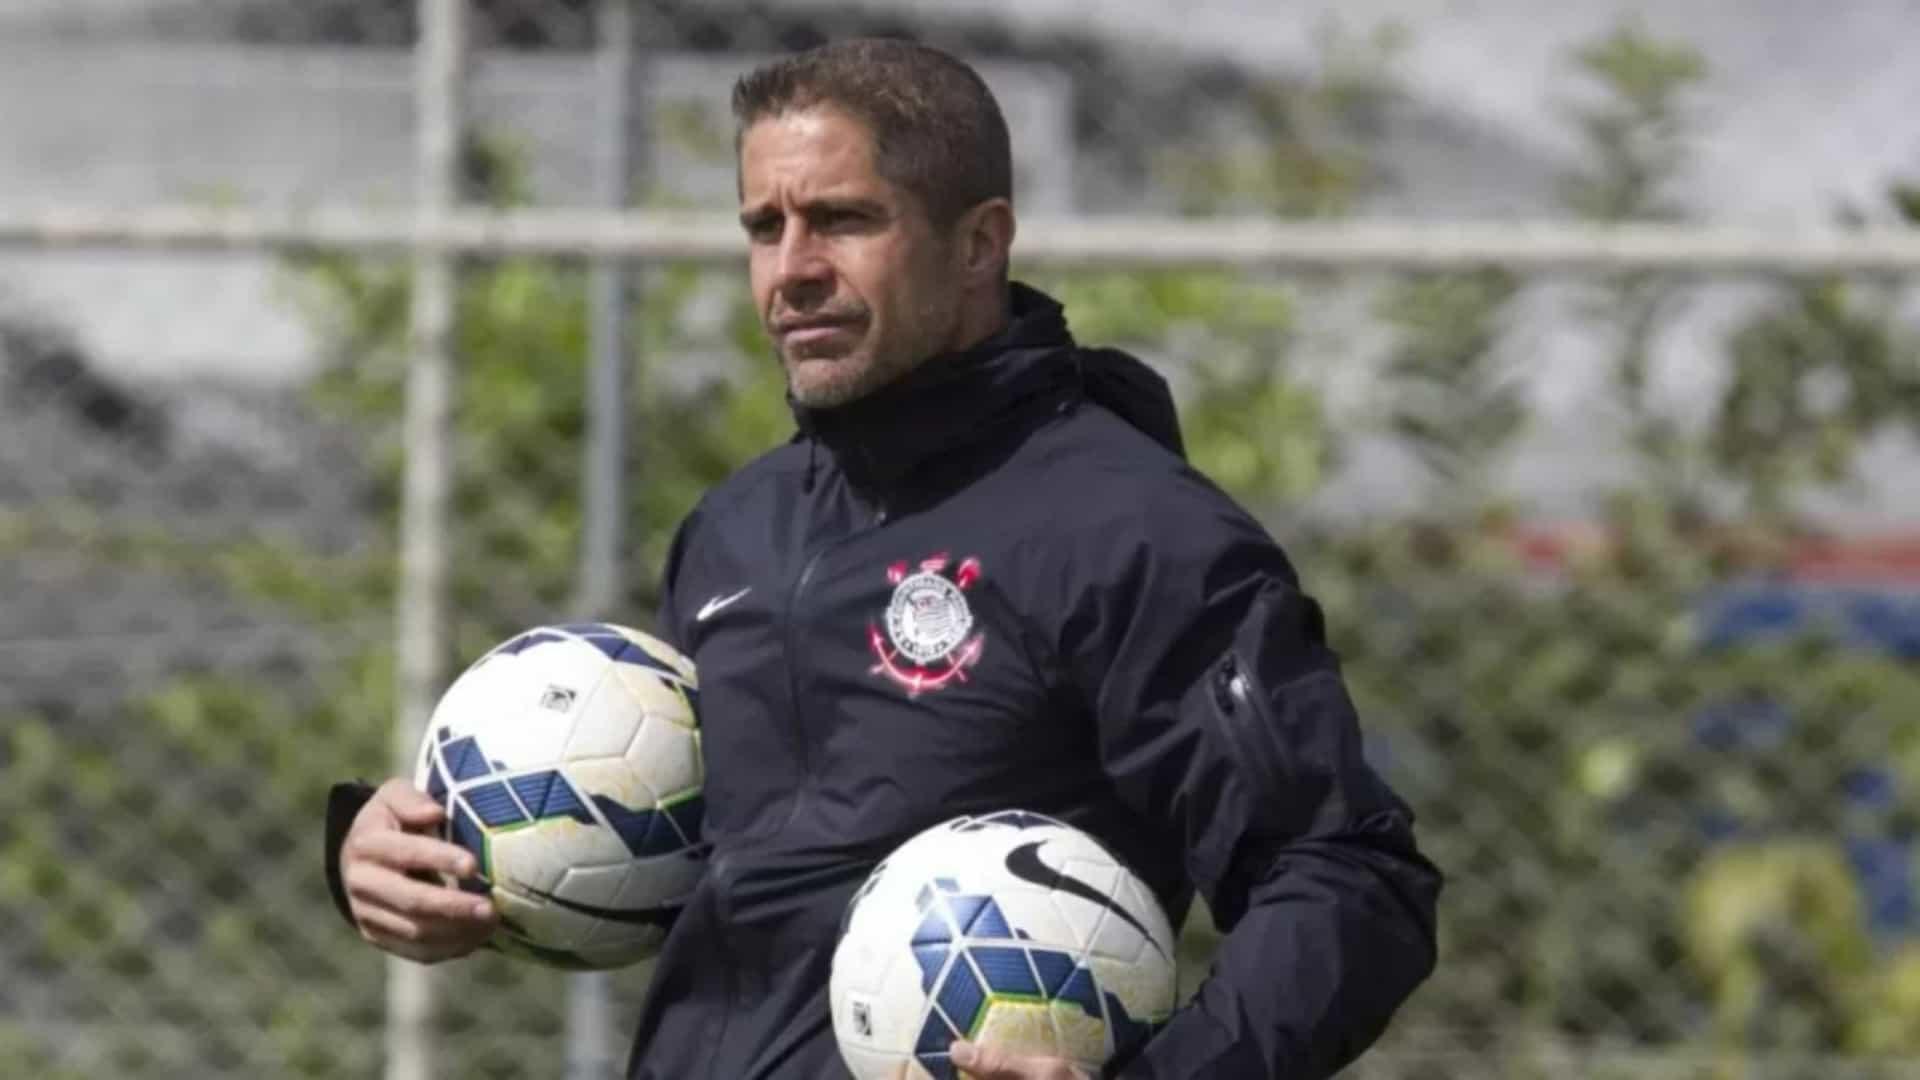 naom 60ad2d2ca2193 - Sylvinho desafia carências do Corinthians para emplacar proposta de jogo